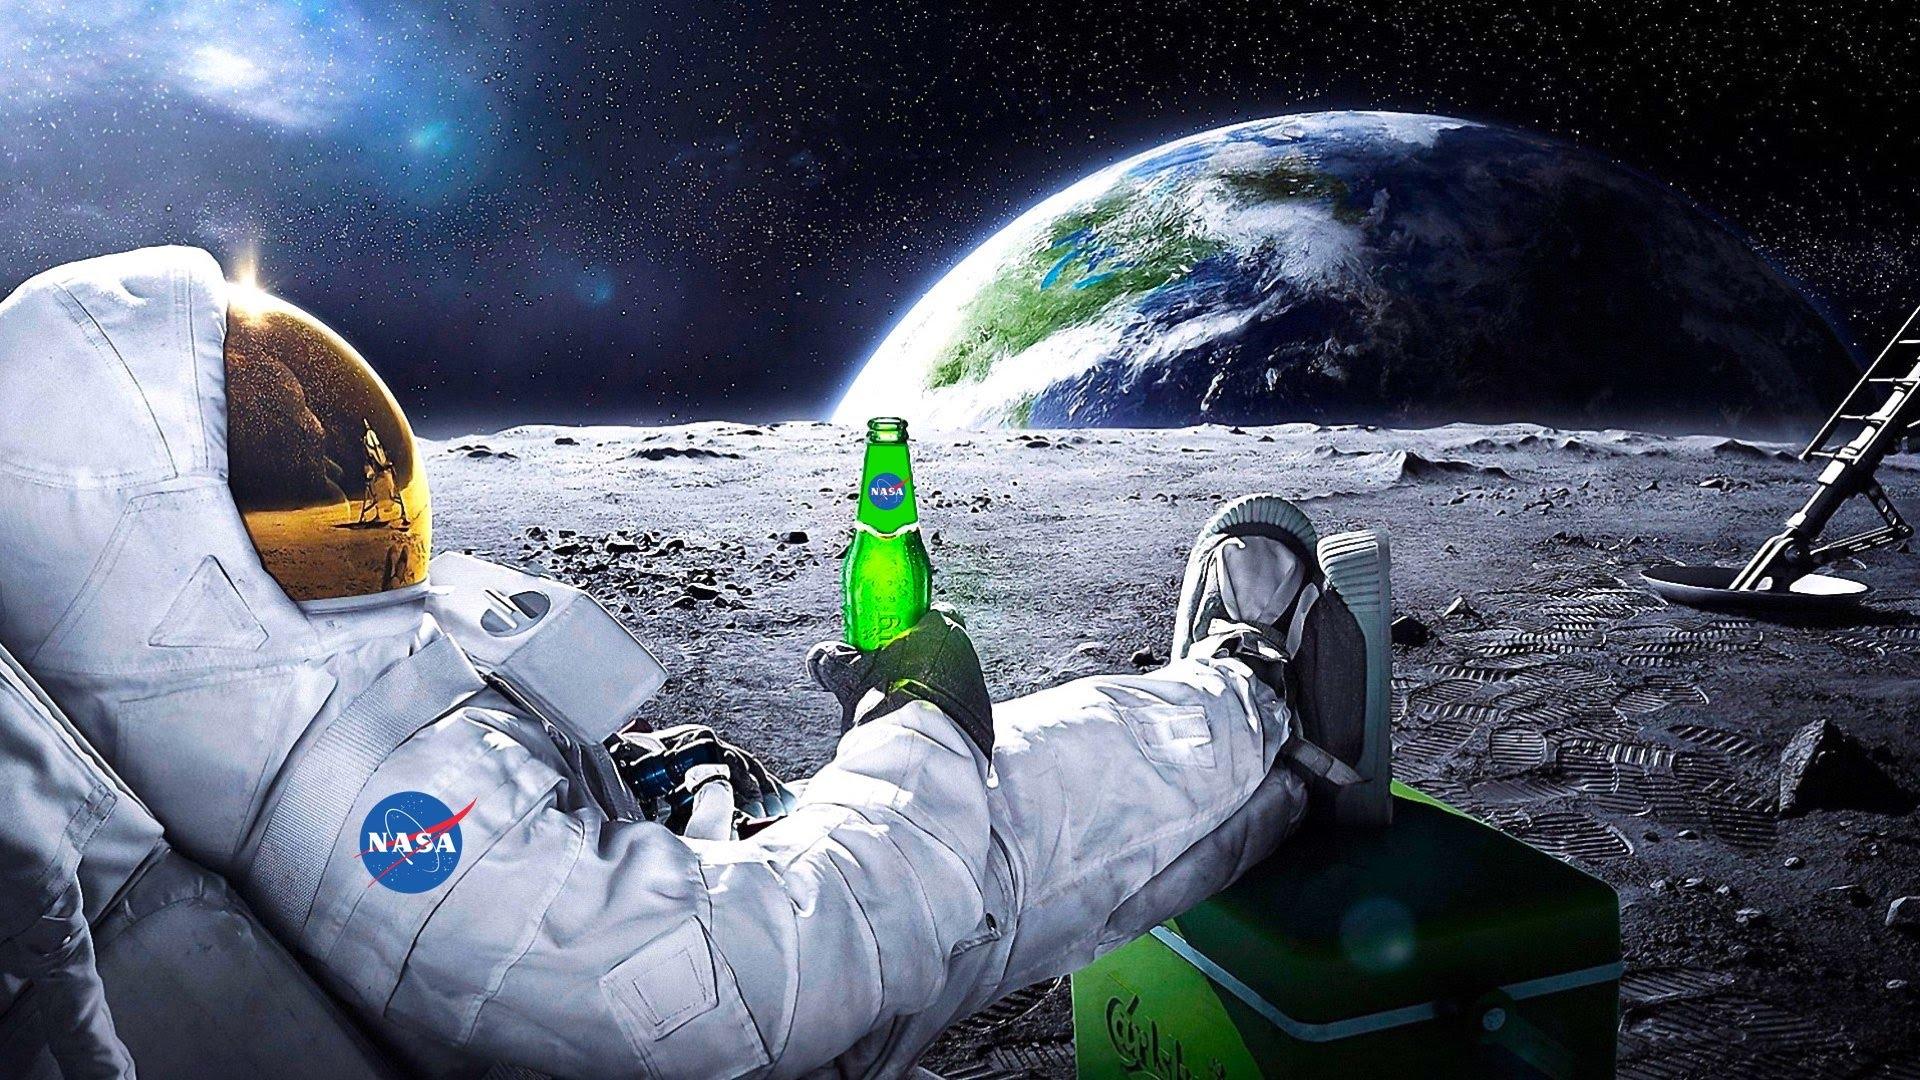 الحلقة 10 سلسلة الأرض المسطحة – موظف سابق في ناسا يفضح كيف كان يقوم برسم الكواكب وأكاذيبهم